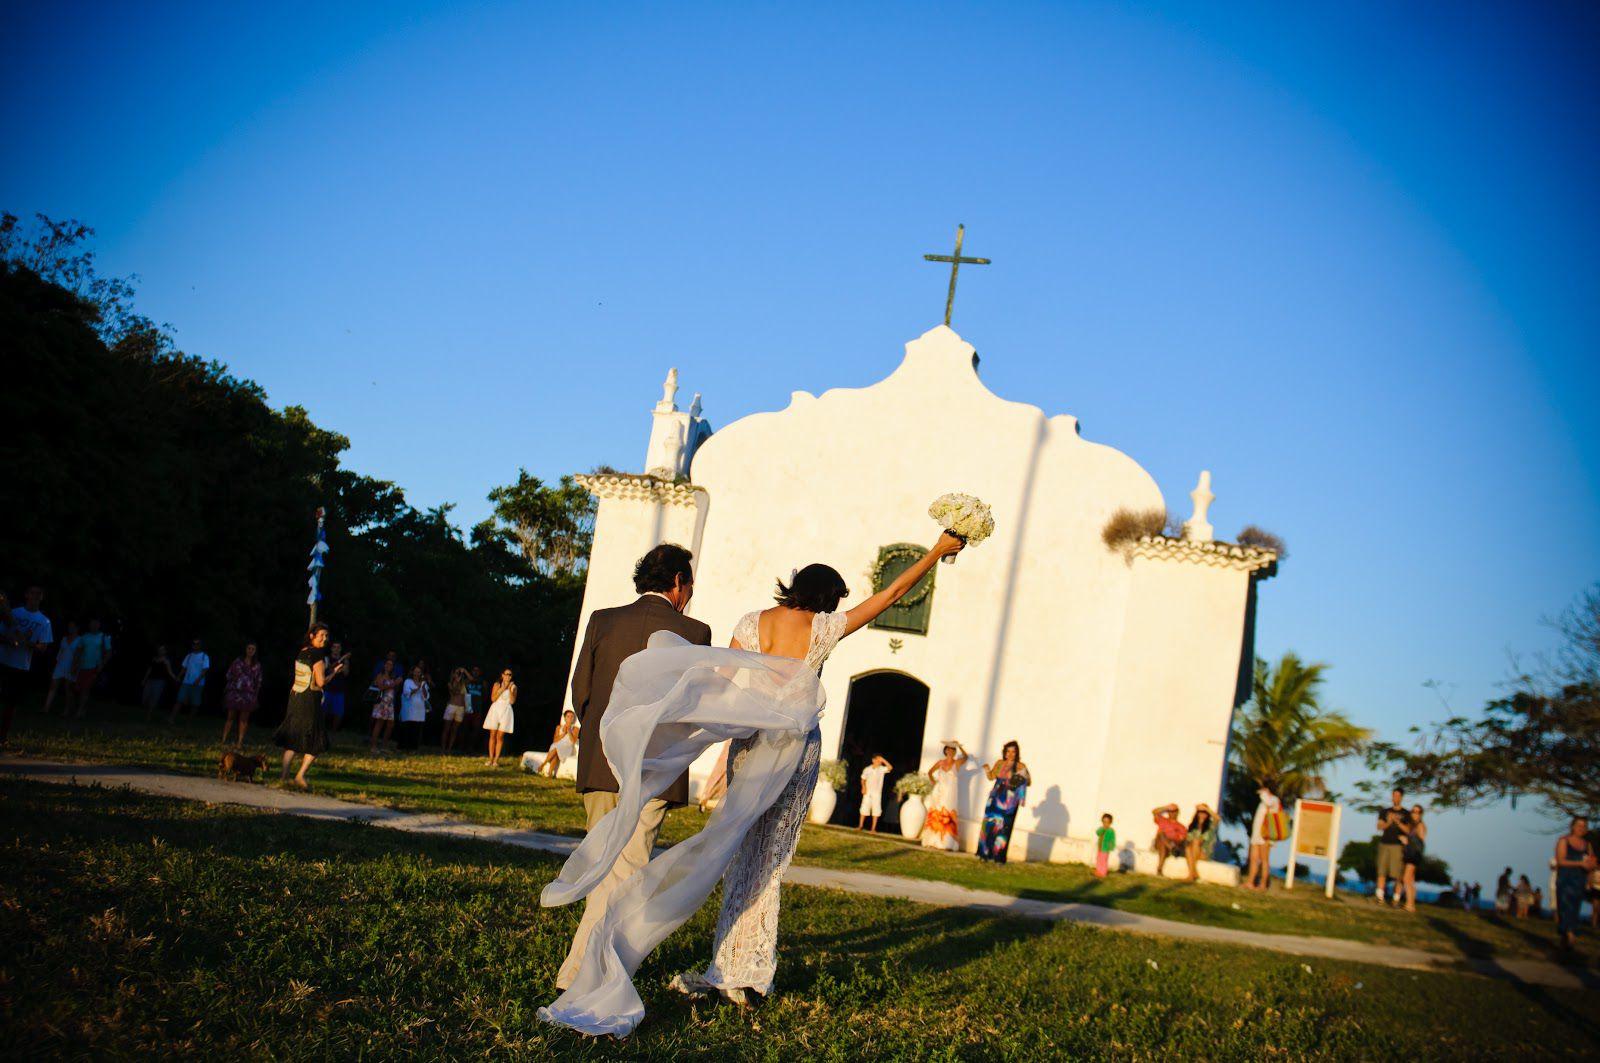 Monique-Renee-e-Ana-Vanin1 Destination wedding: destinos para um casamento dos sonhos!